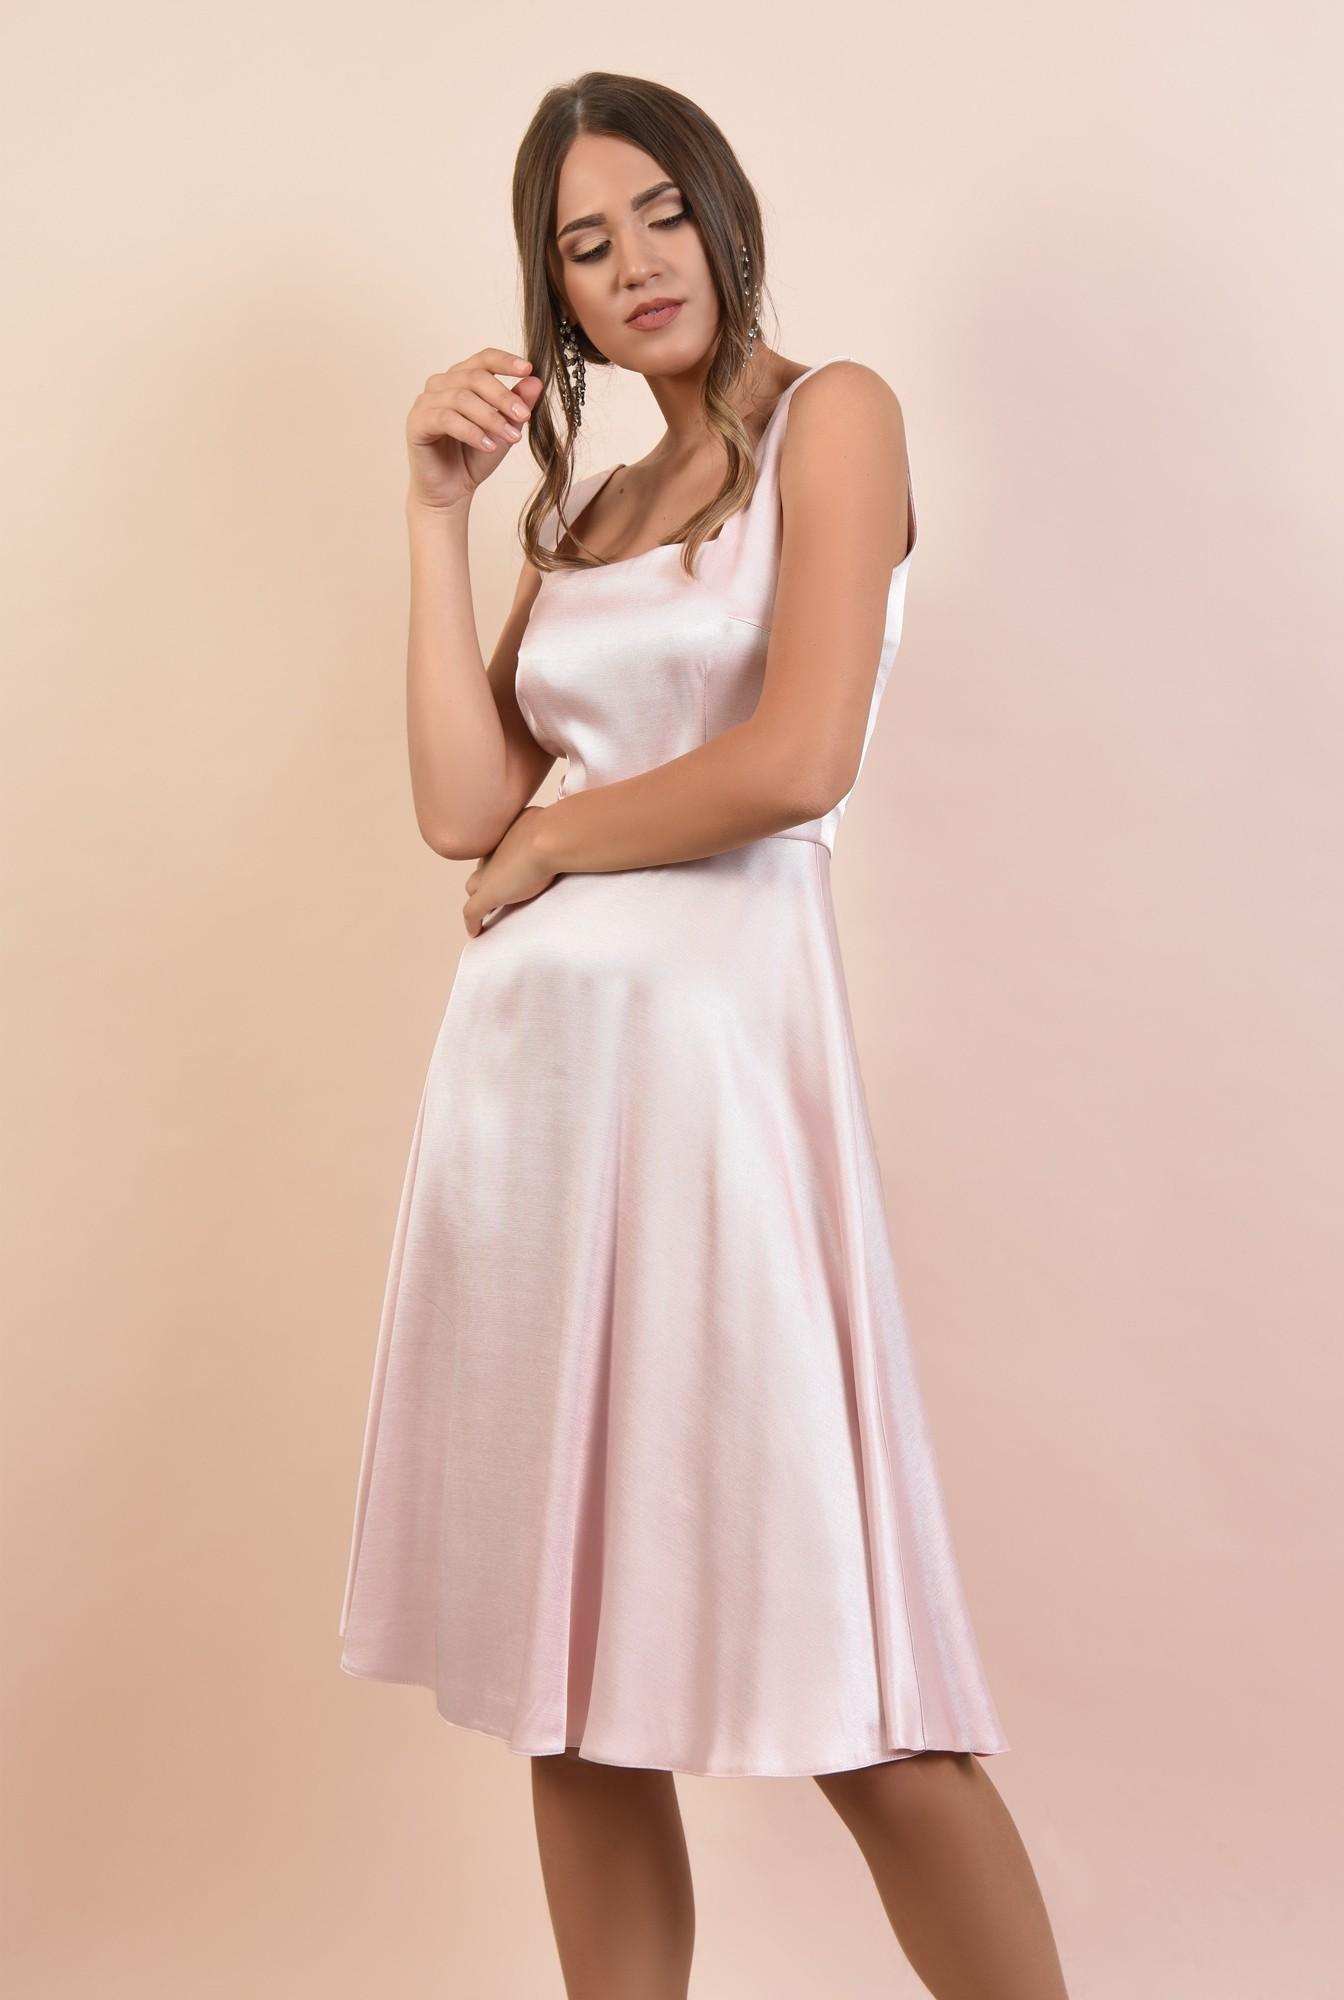 rochie eleganta, cu bretele, croi evazat, inchidere cu fermoar ascuns